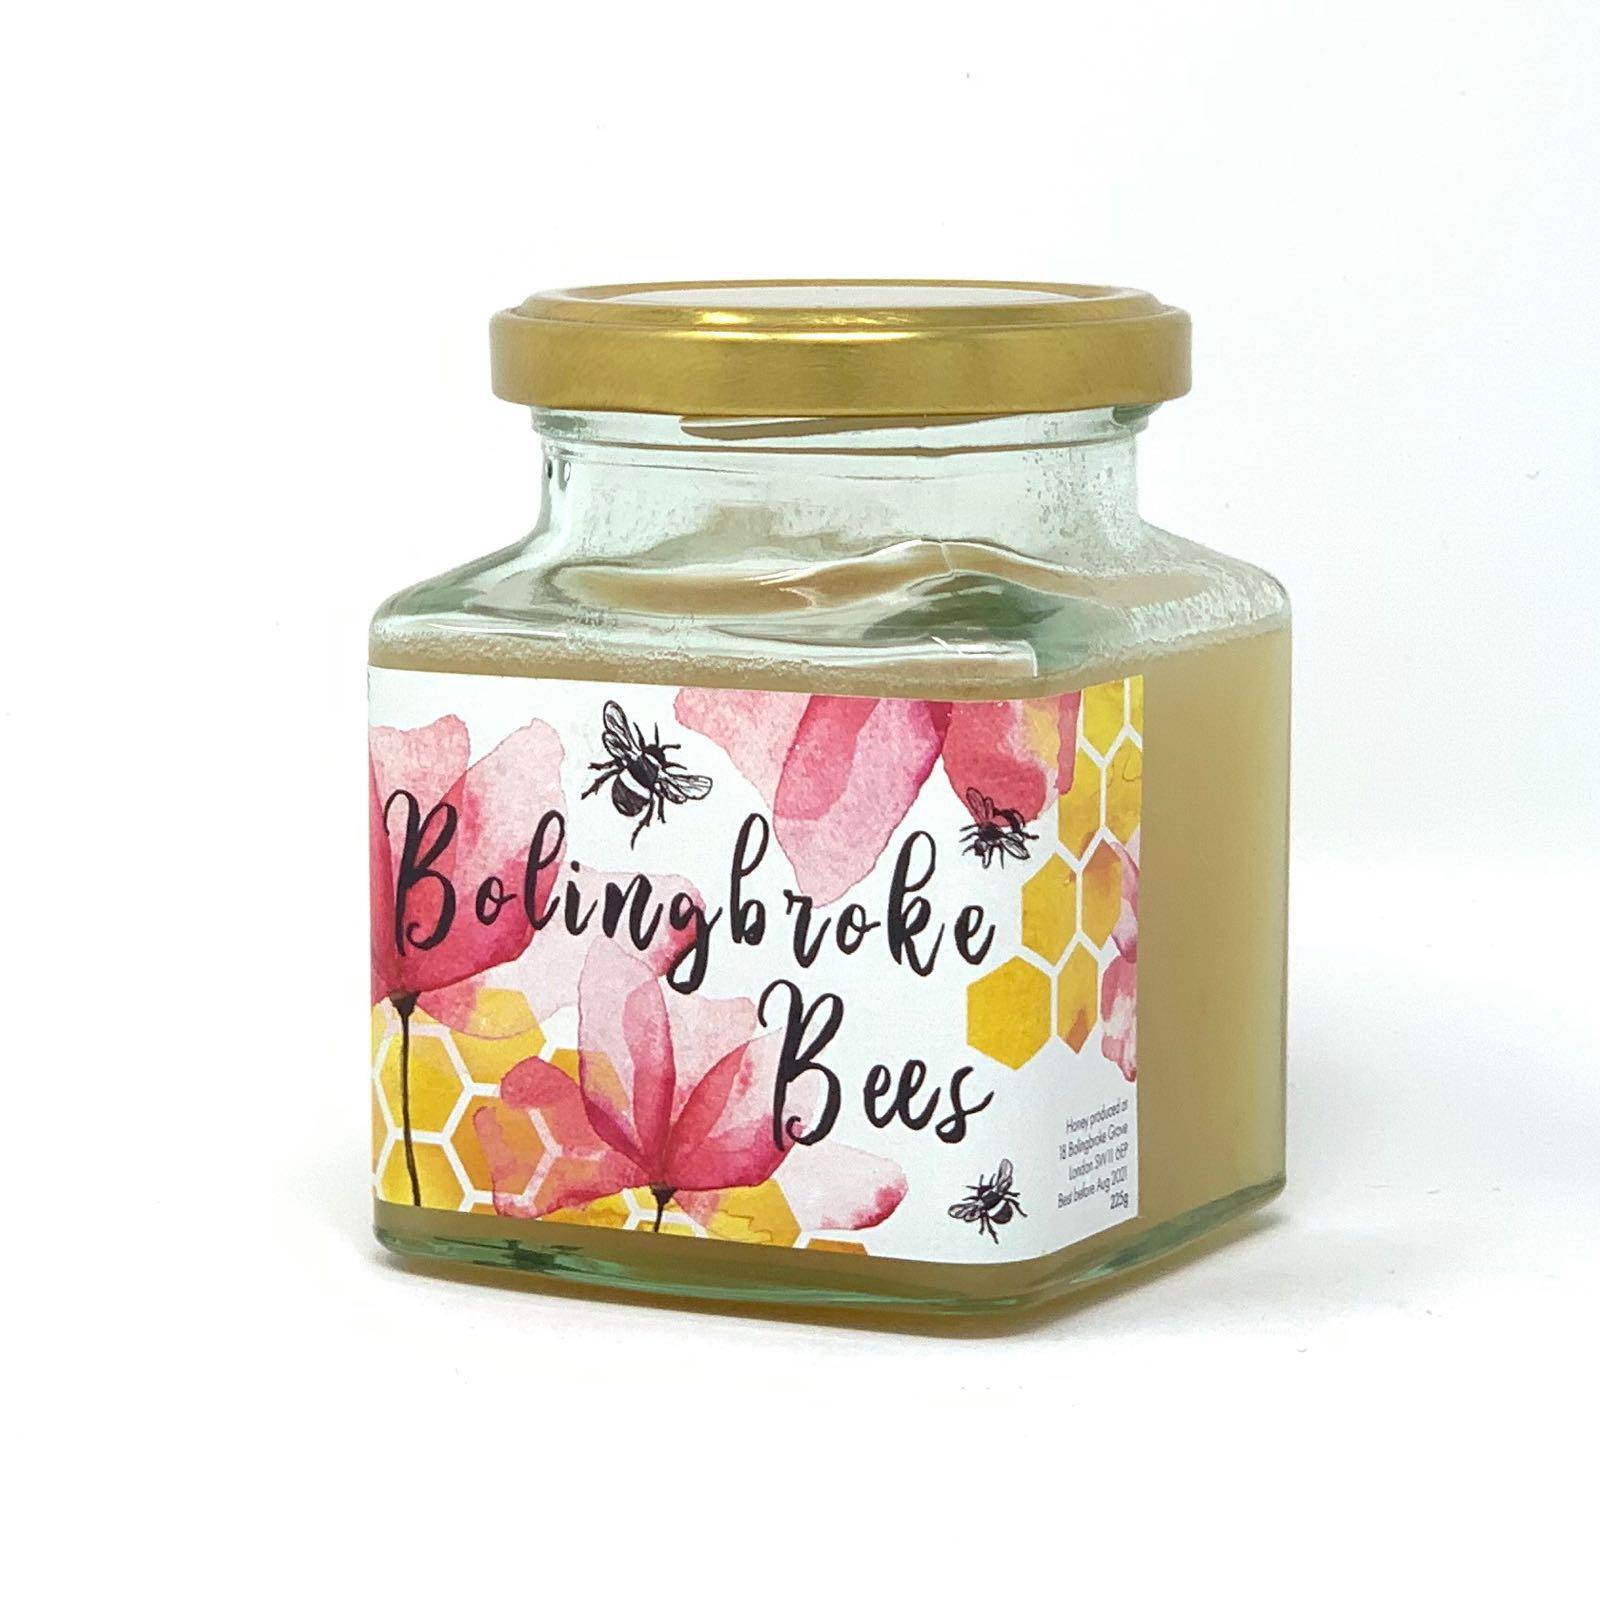 Bolingbroke Honey